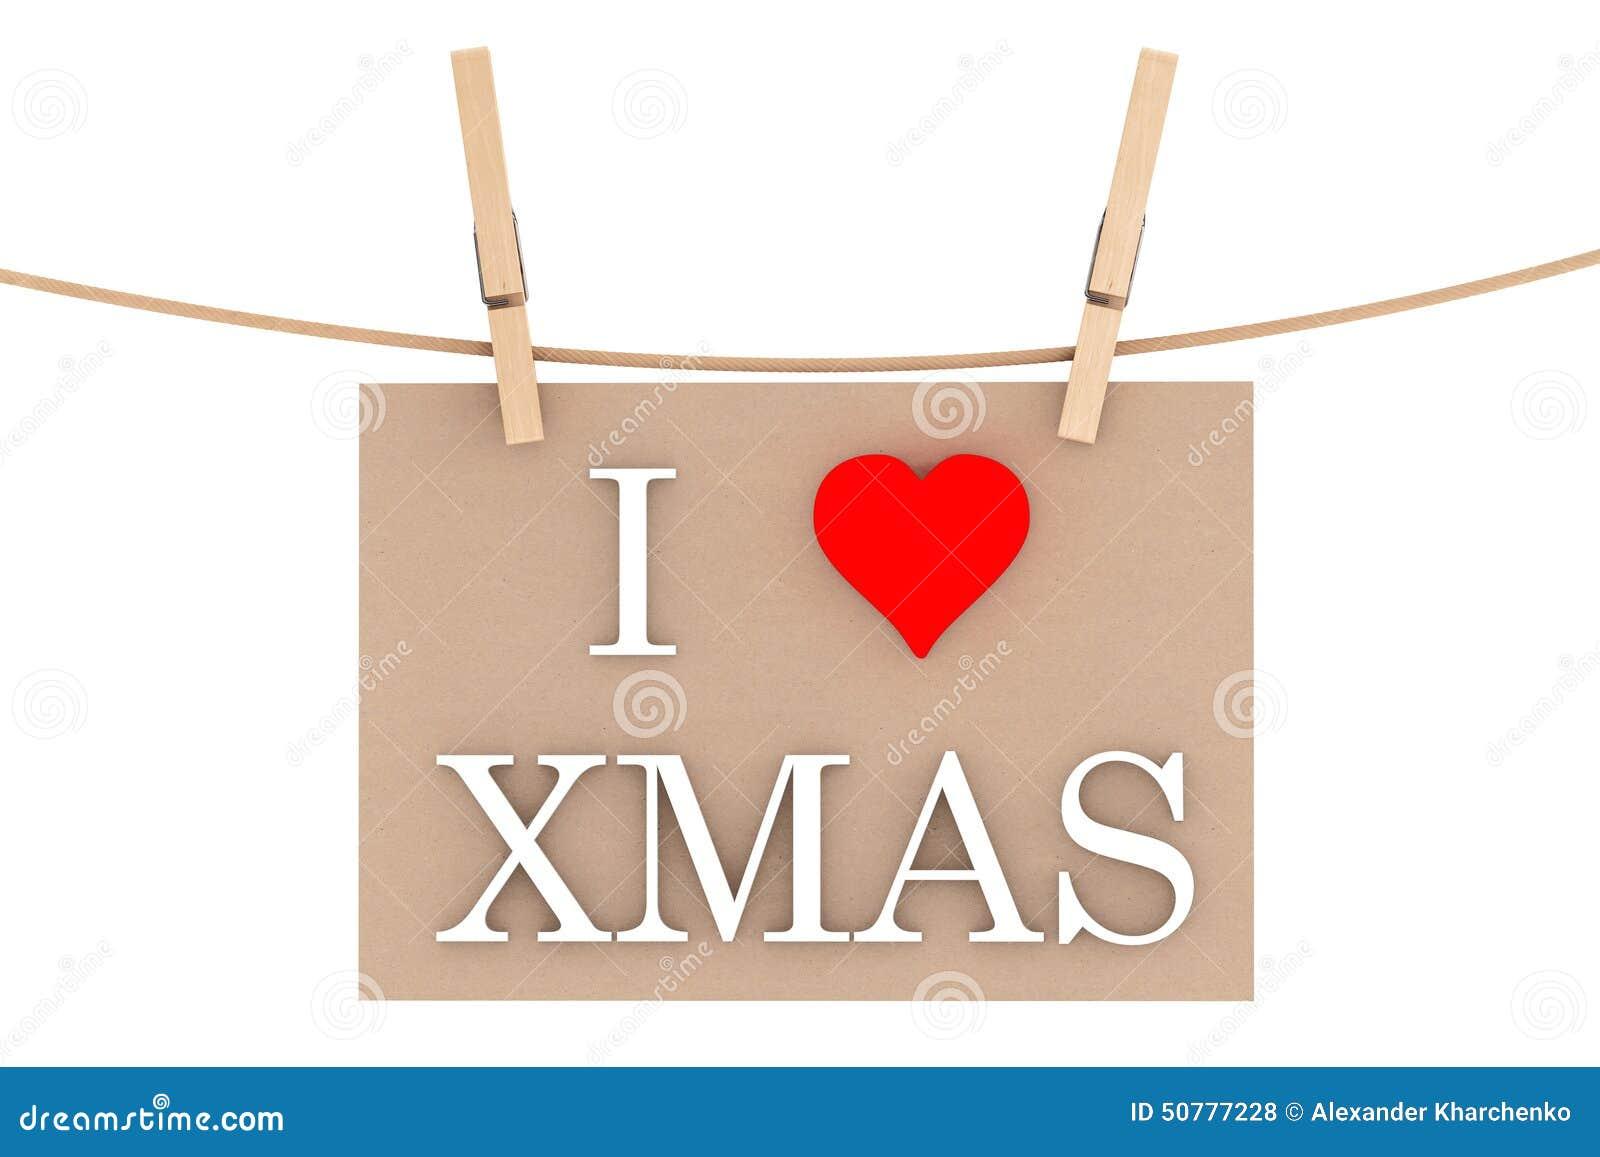 ich liebe weihnachten mit dem herzen das mit. Black Bedroom Furniture Sets. Home Design Ideas